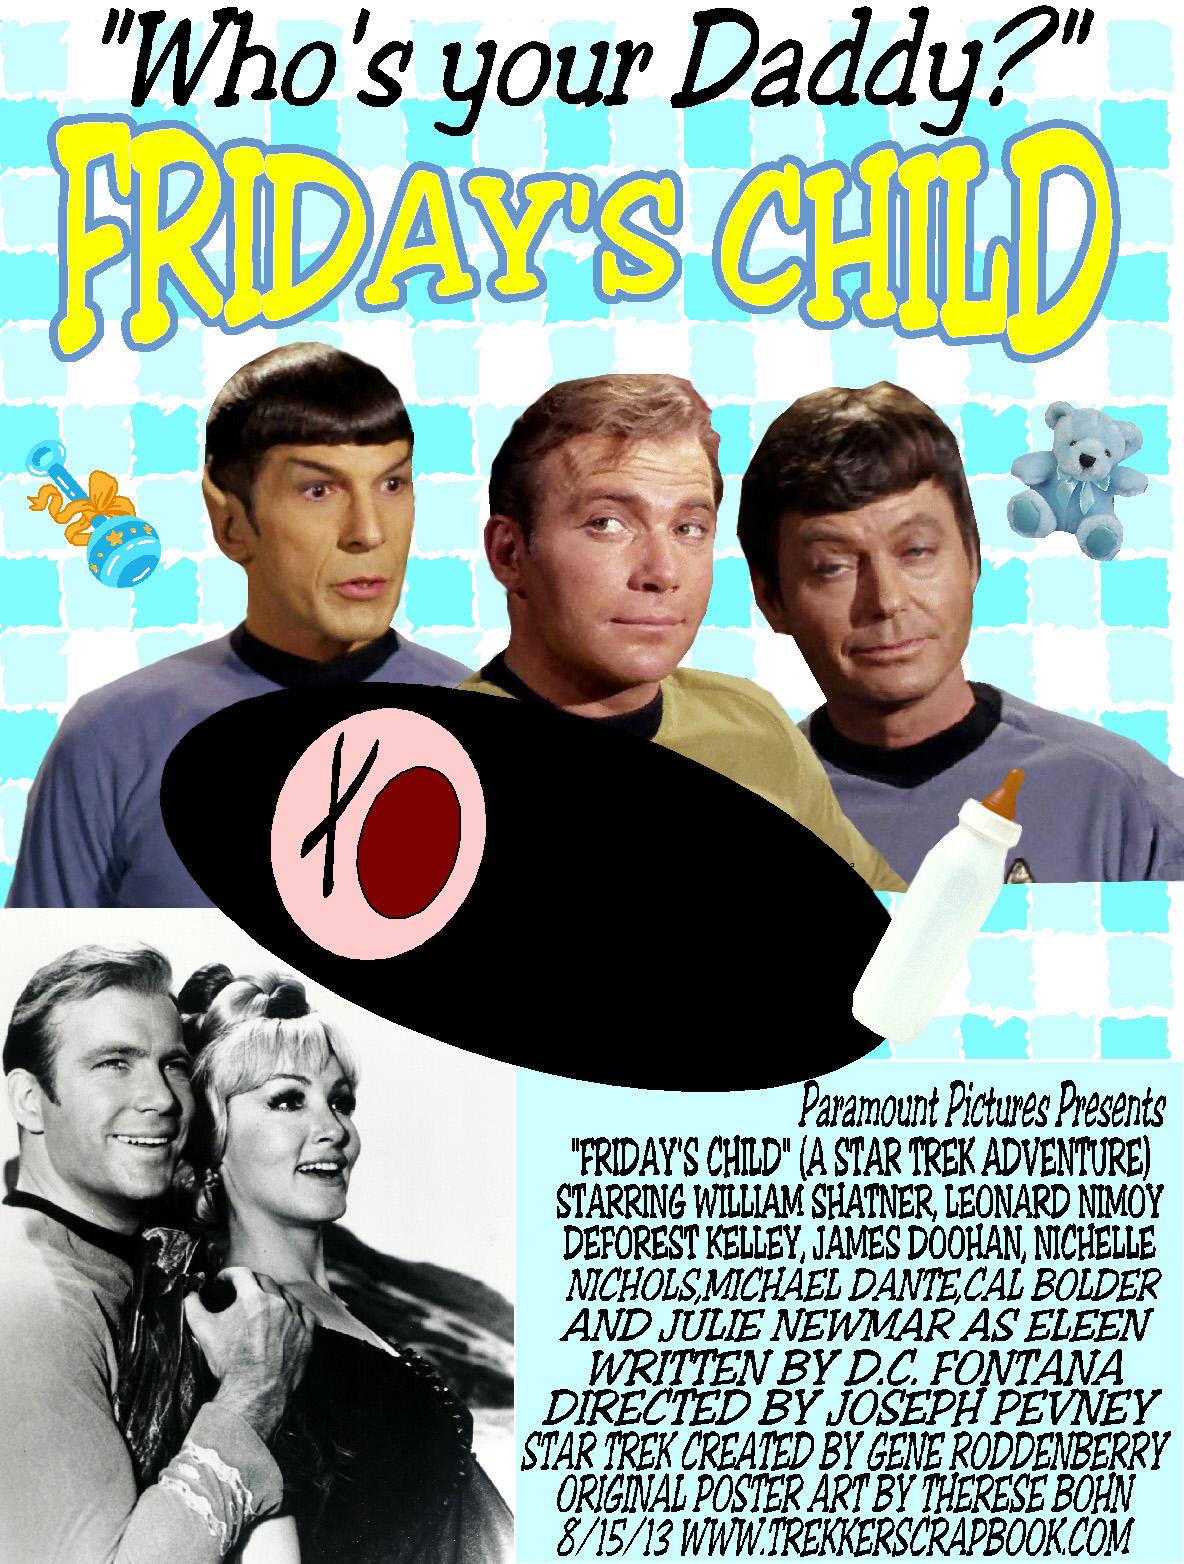 32-Fridays Child